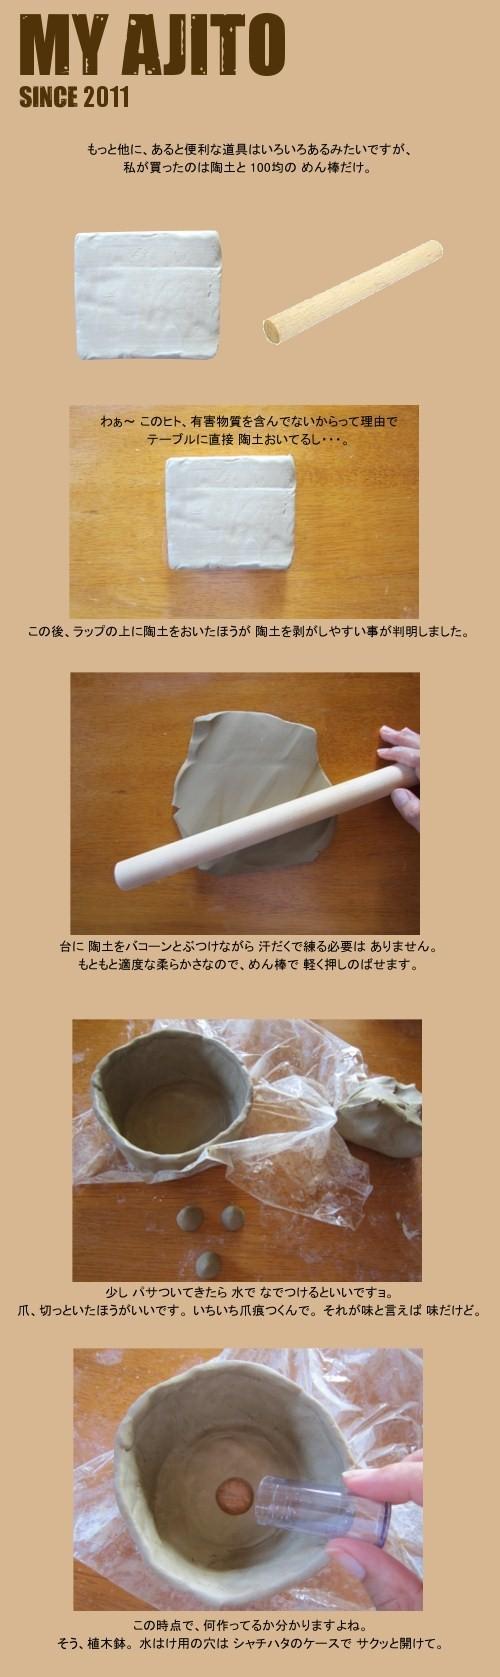 YAKI_02.jpg